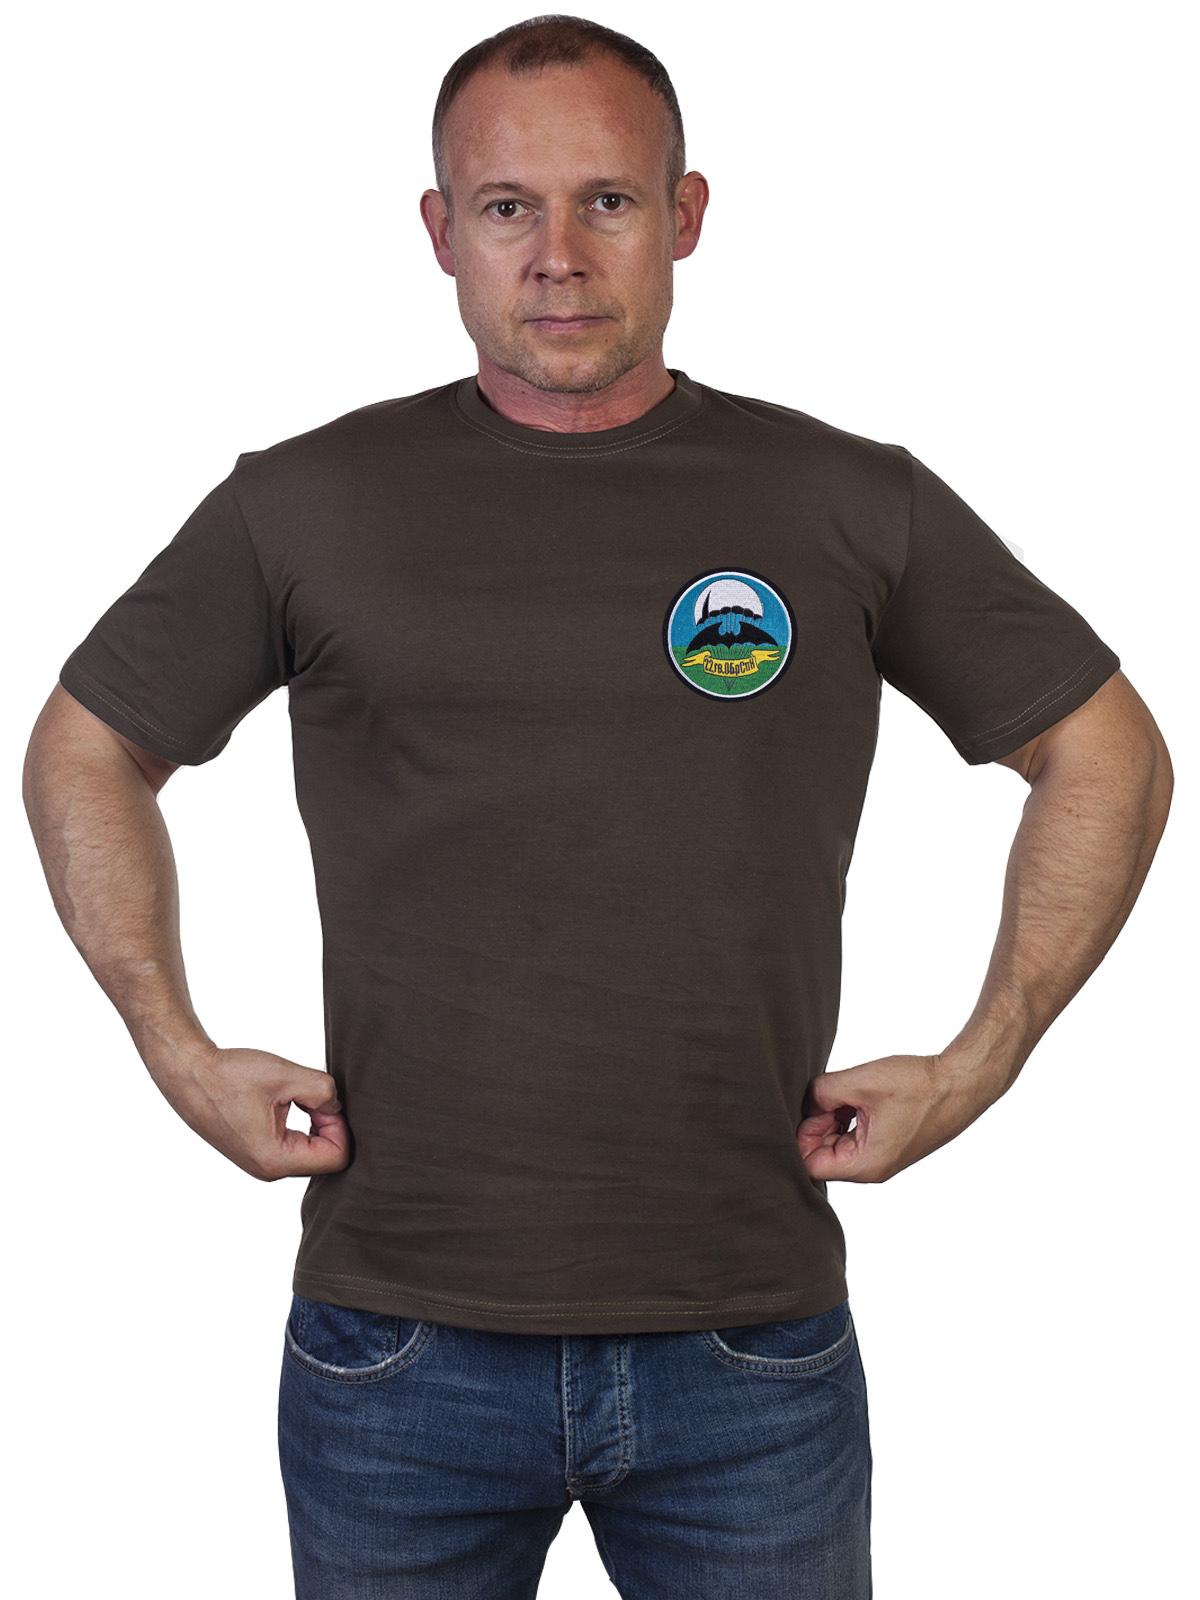 Оливковая мужская футболка 22 ОБрСпН